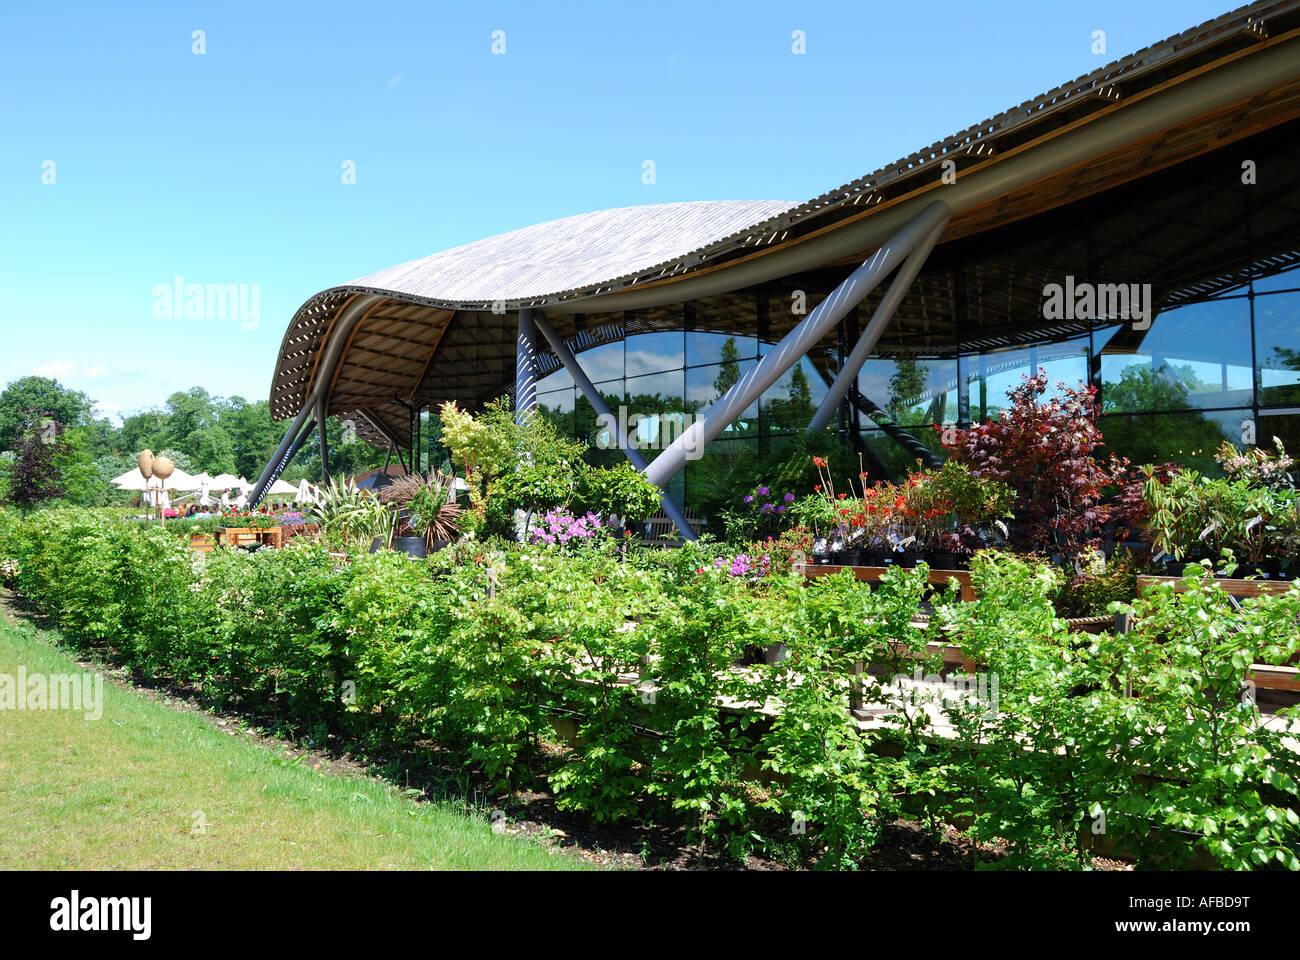 Negozio giardino, Savill Building, Savill Garden, Windsor Great Park, Englefield Green, Surrey, England, Regno Unito Immagini Stock